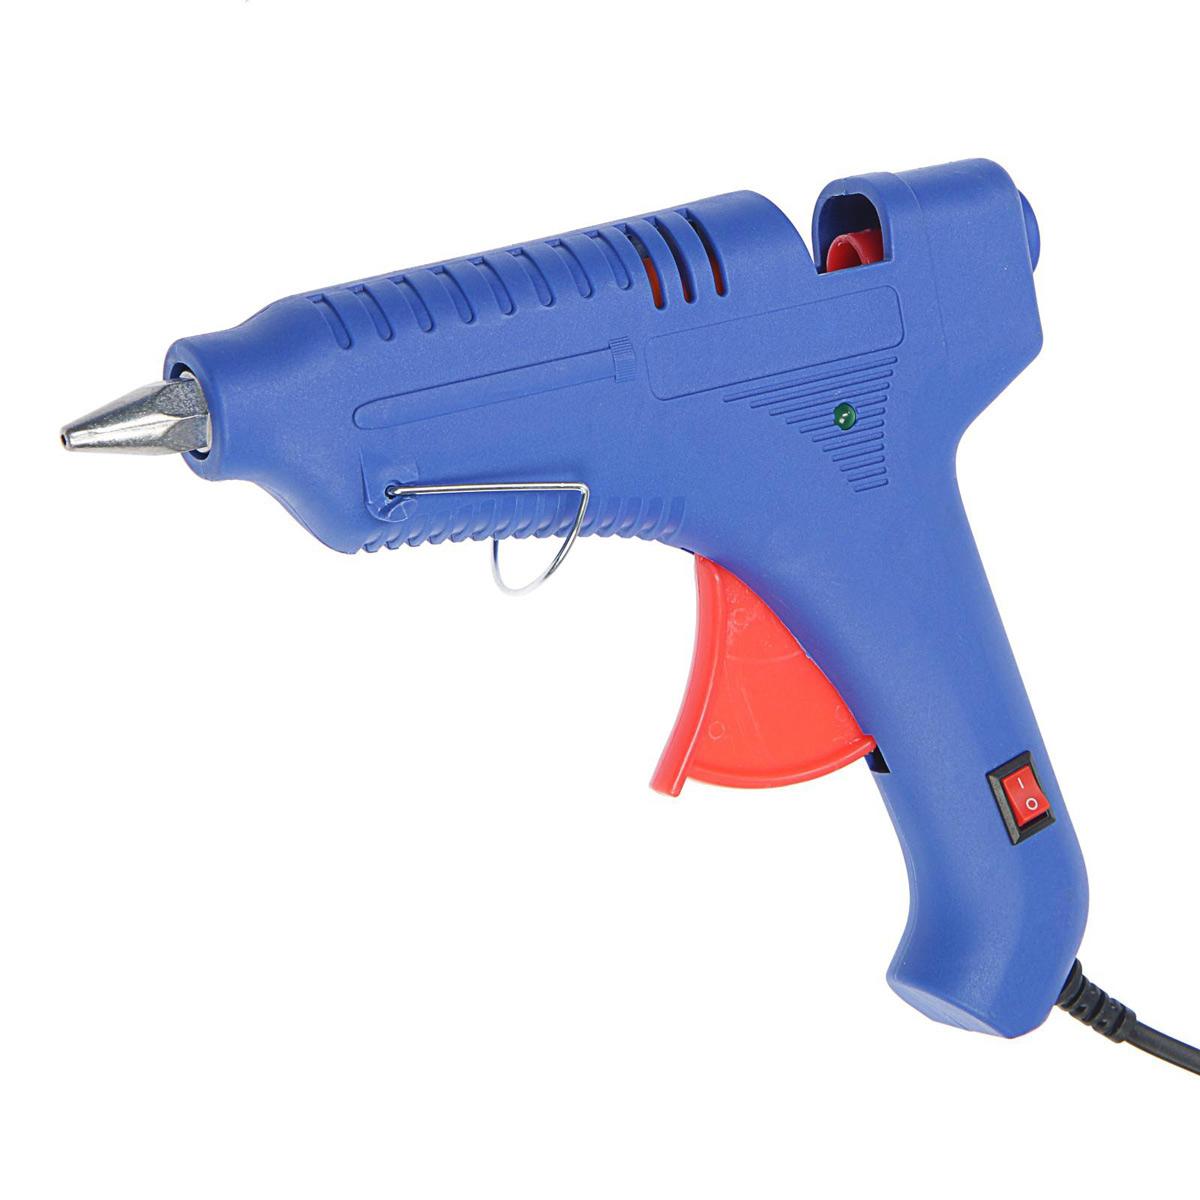 4365665 Клеевой пистолет TUNDRA, 80 Вт, 220 В, выключатель, индикатор, антикапля, шнур 1.2 м, 11 мм